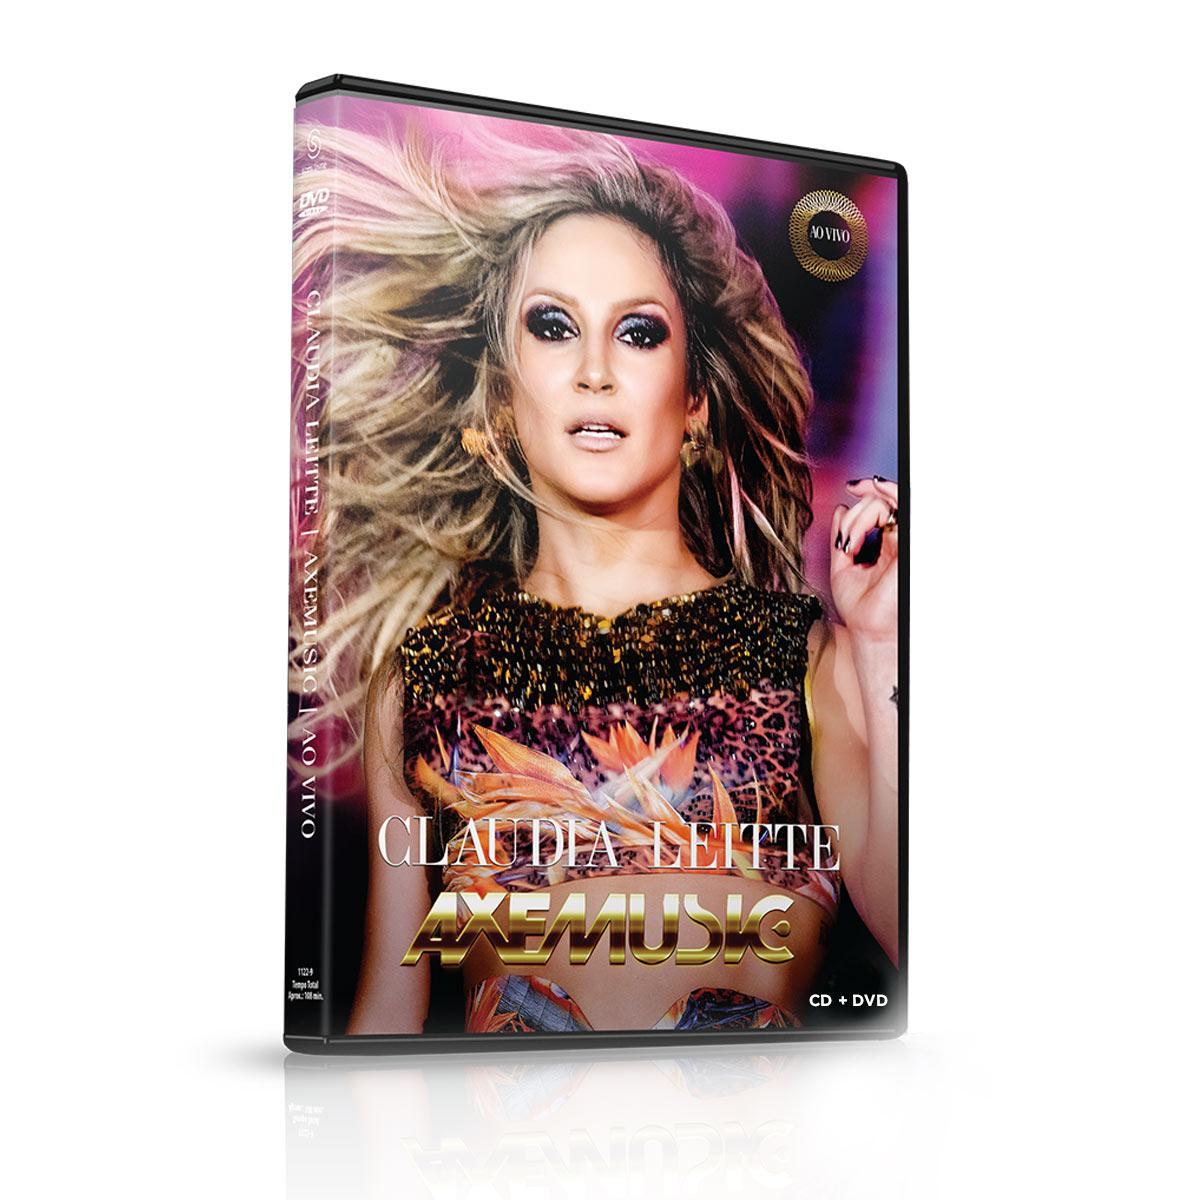 Kit CD + DVD Claudia Leitte Axemusic Ao Vivo